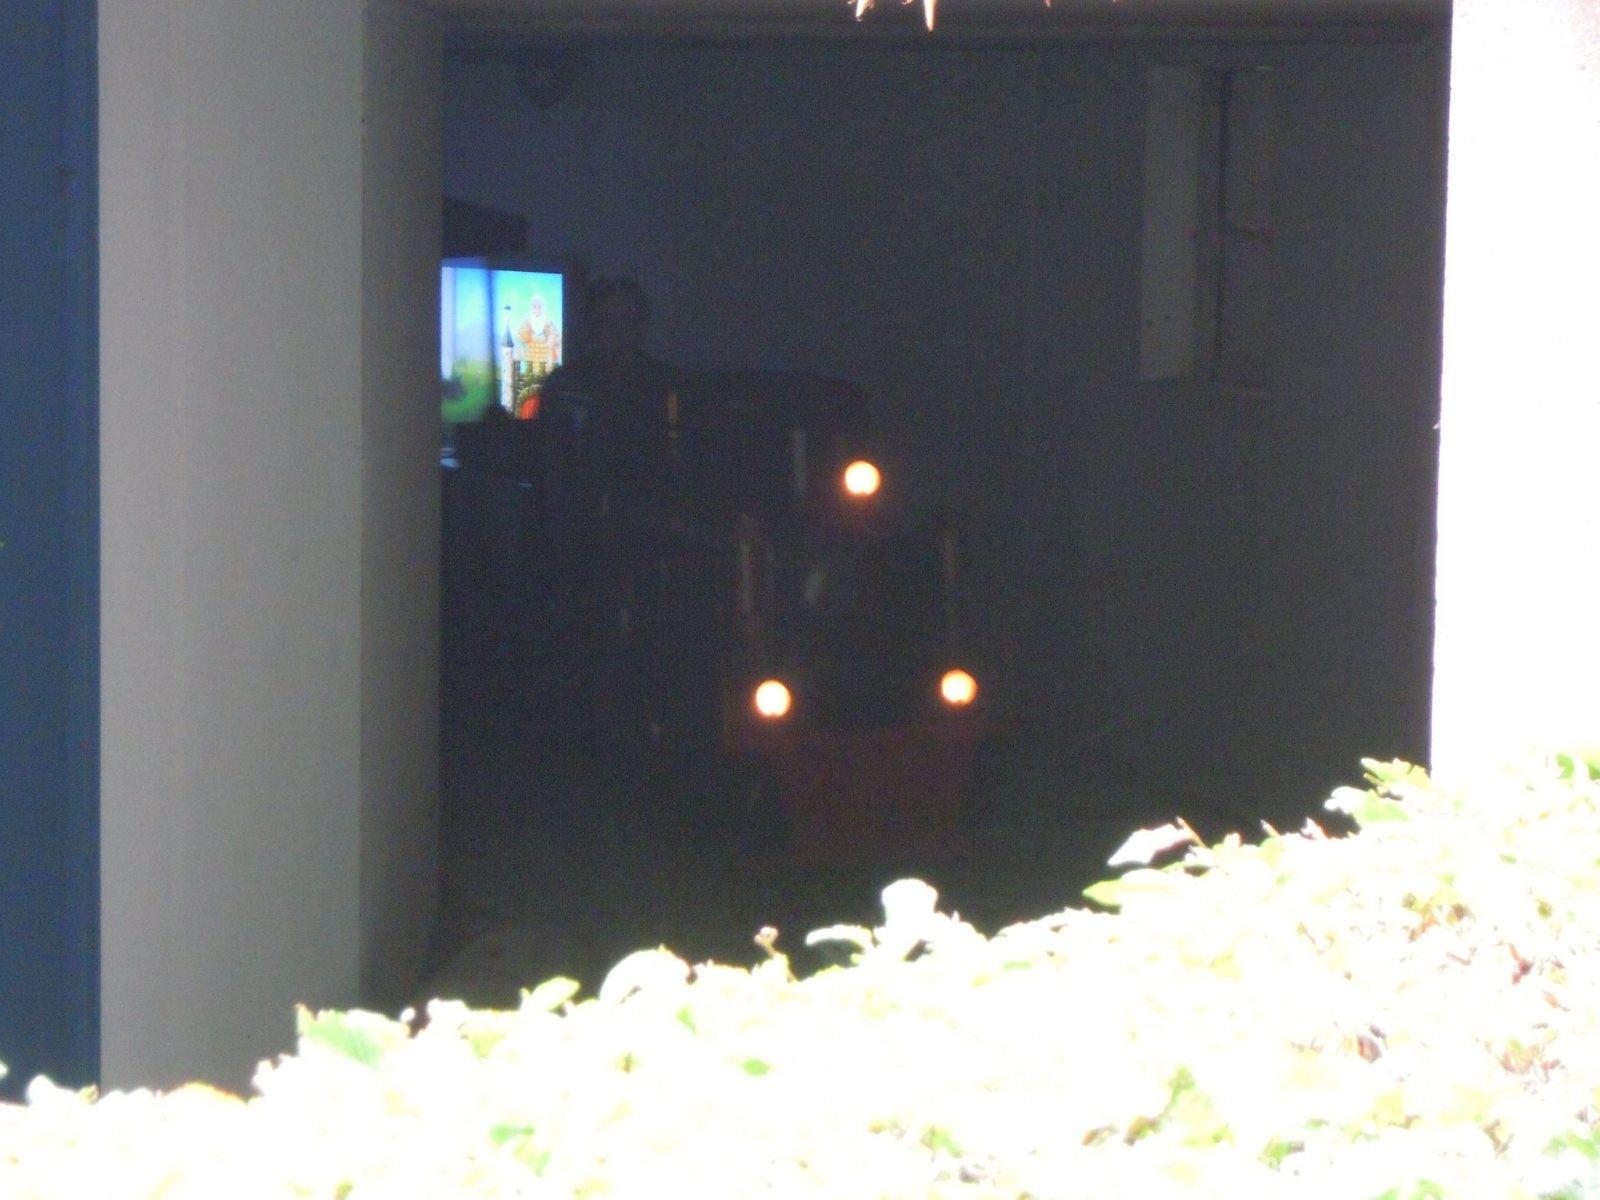 image_639